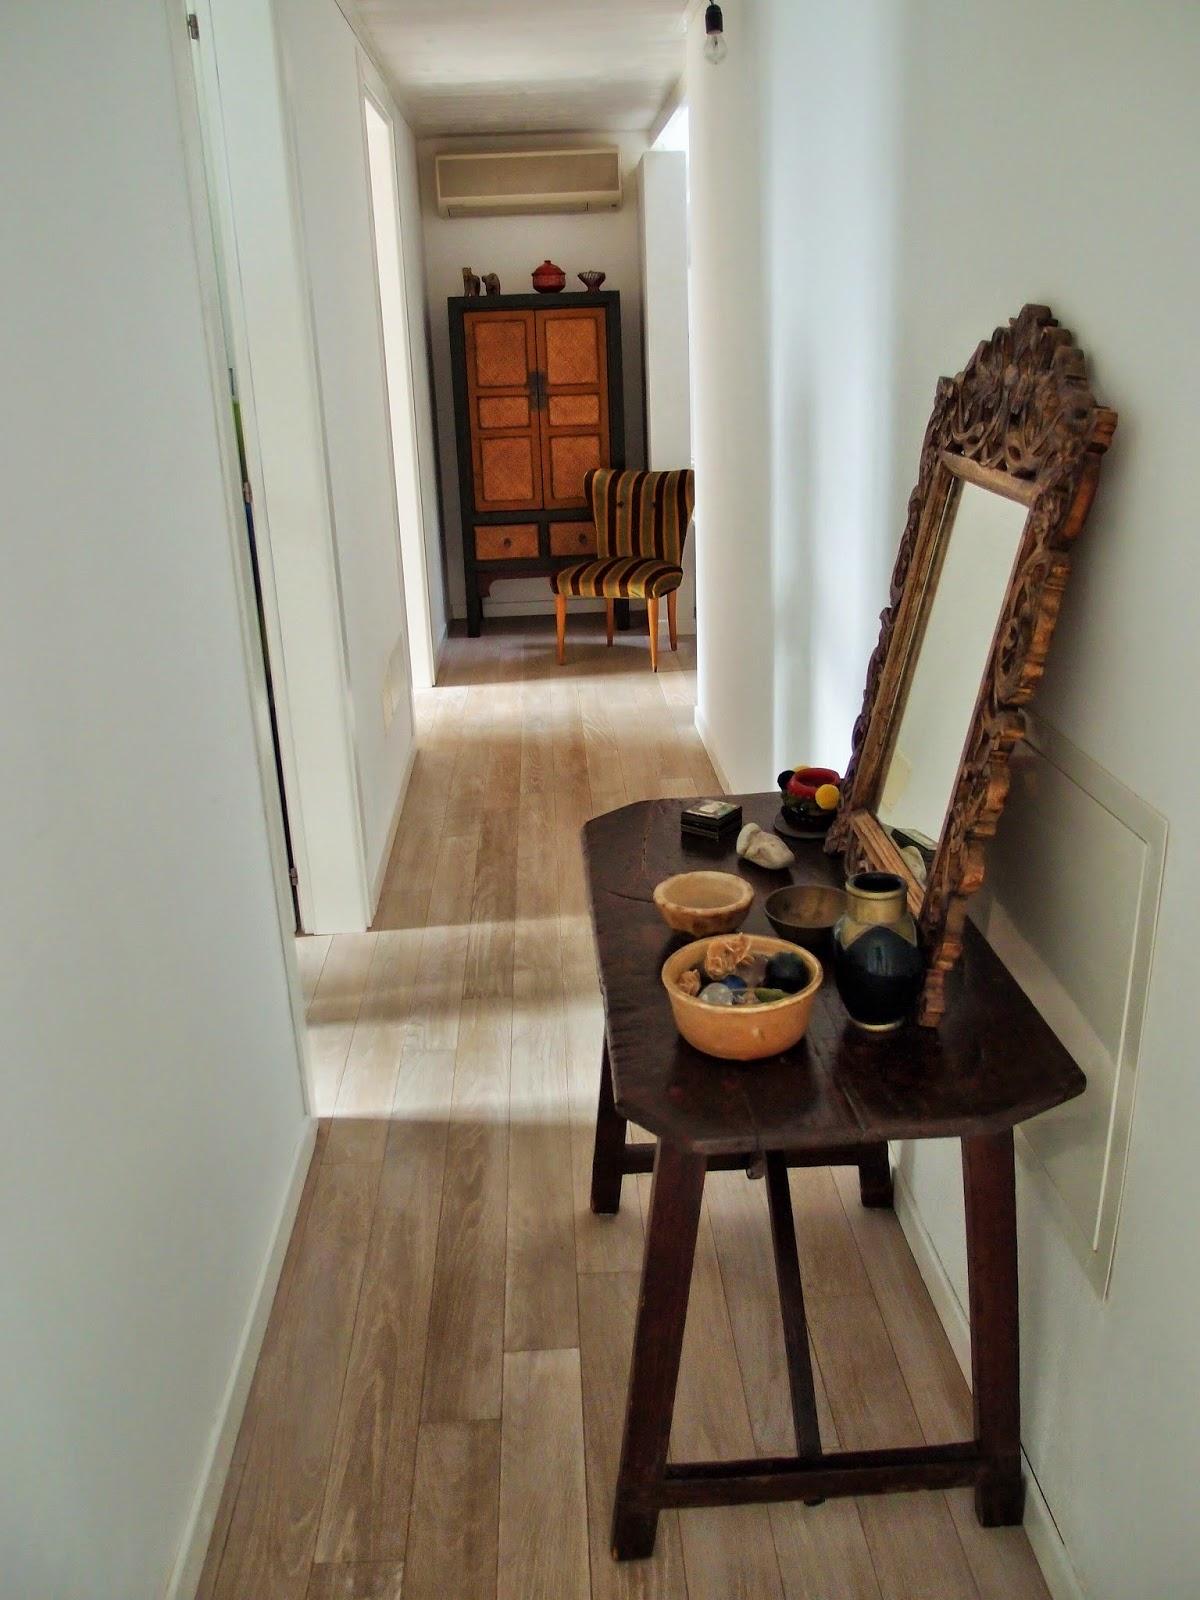 Il lungo corridoio che porta alla zona notte accoglie mobili e oggetti ...